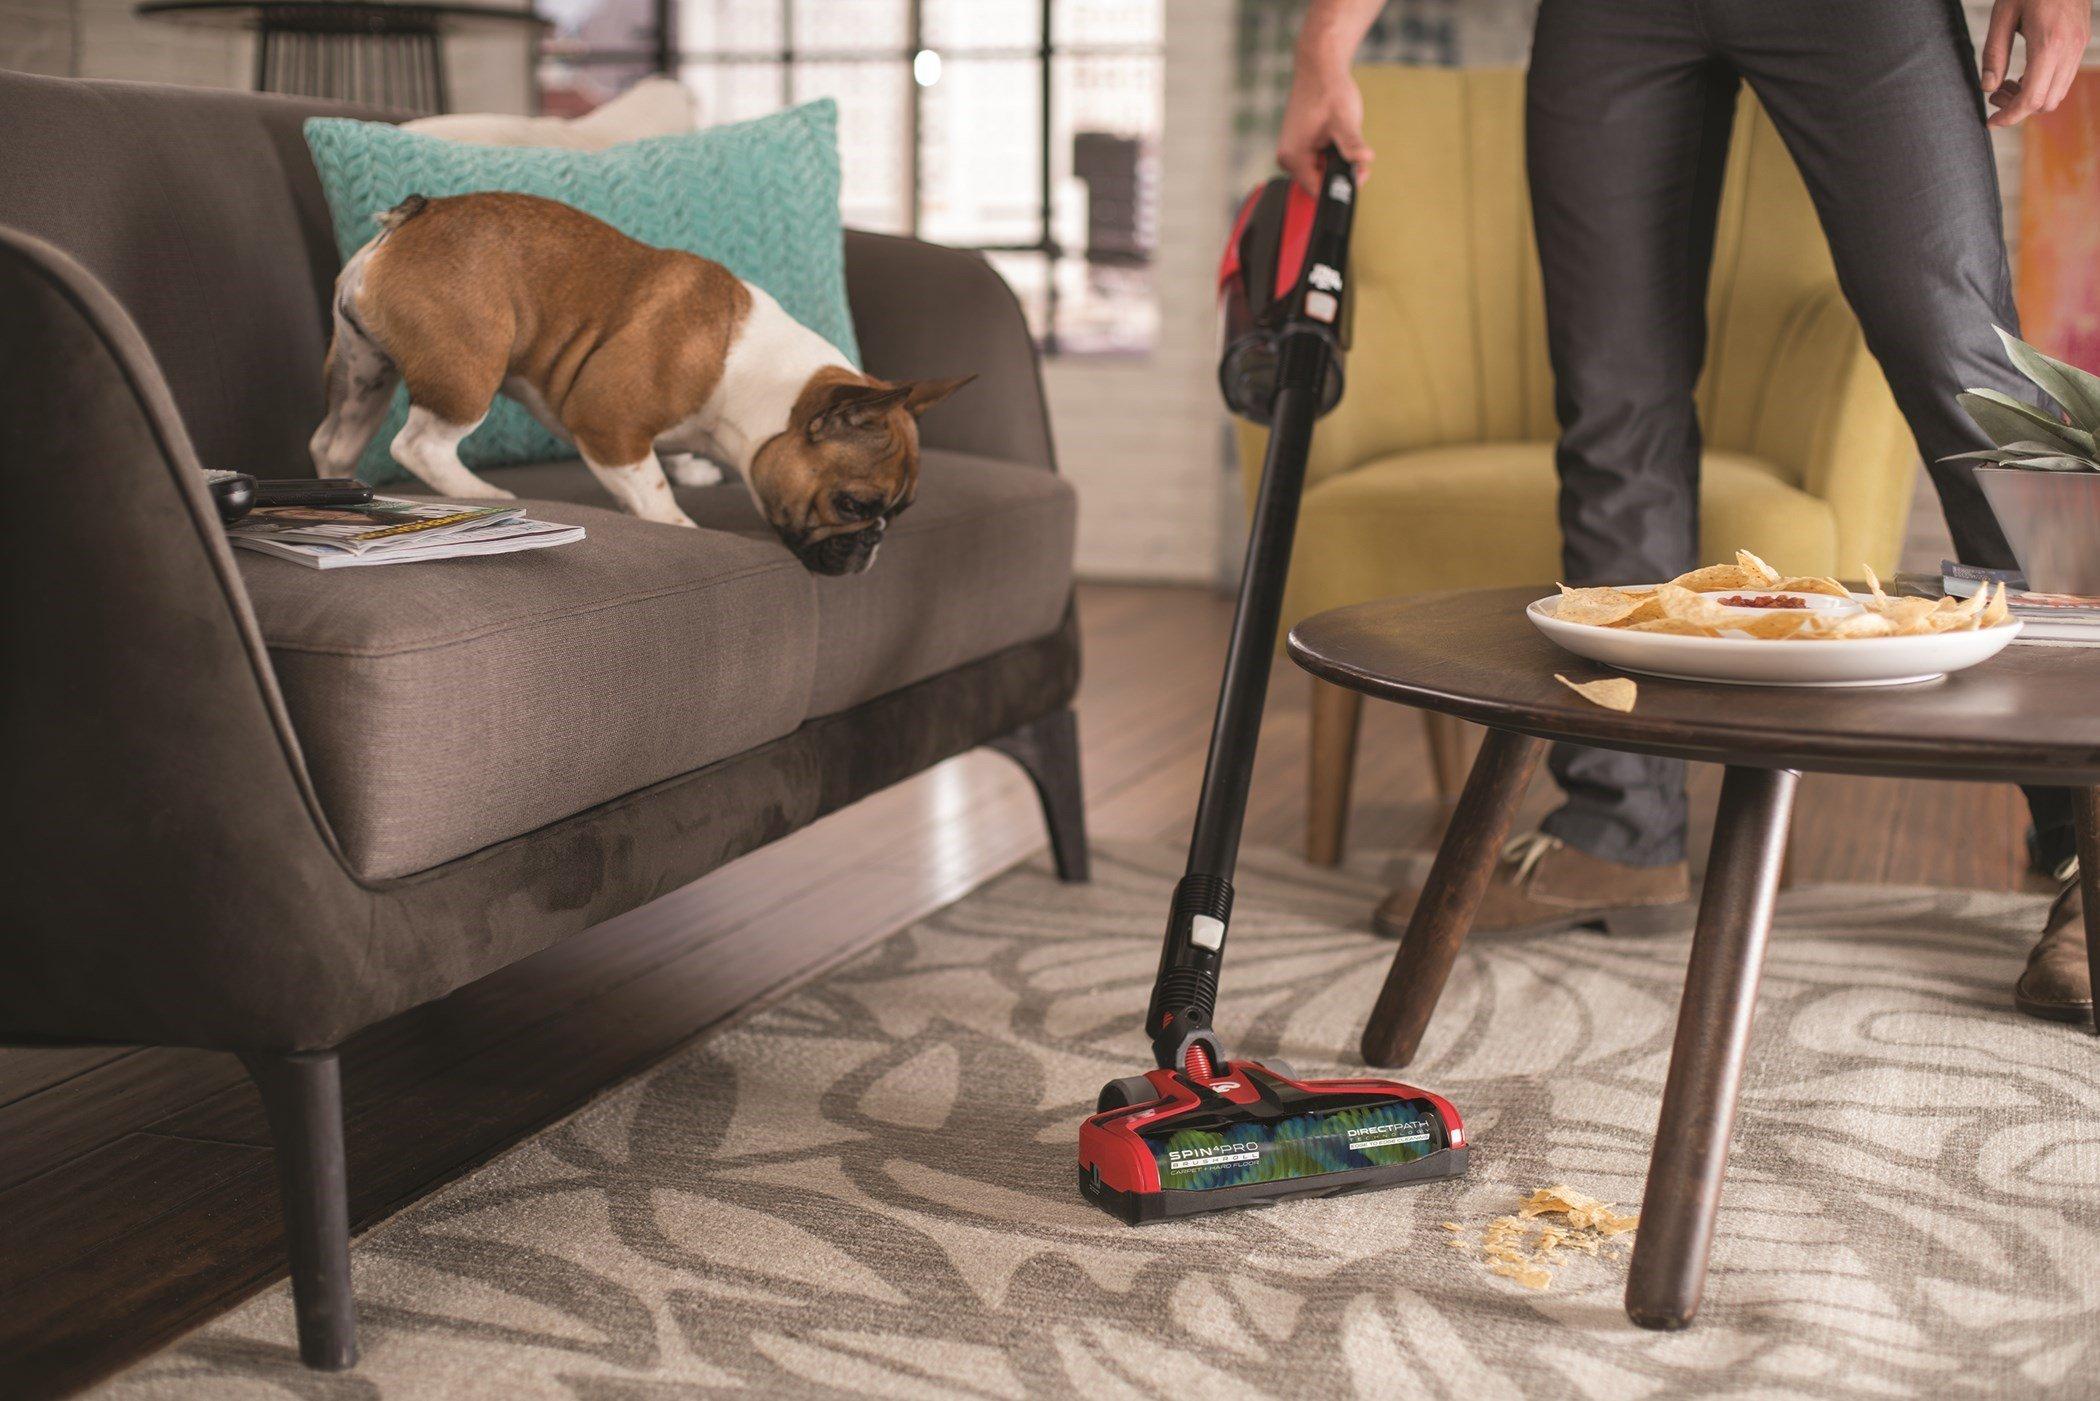 Reach Max Plus 3-in-1 Cordless Stick Vacuum6